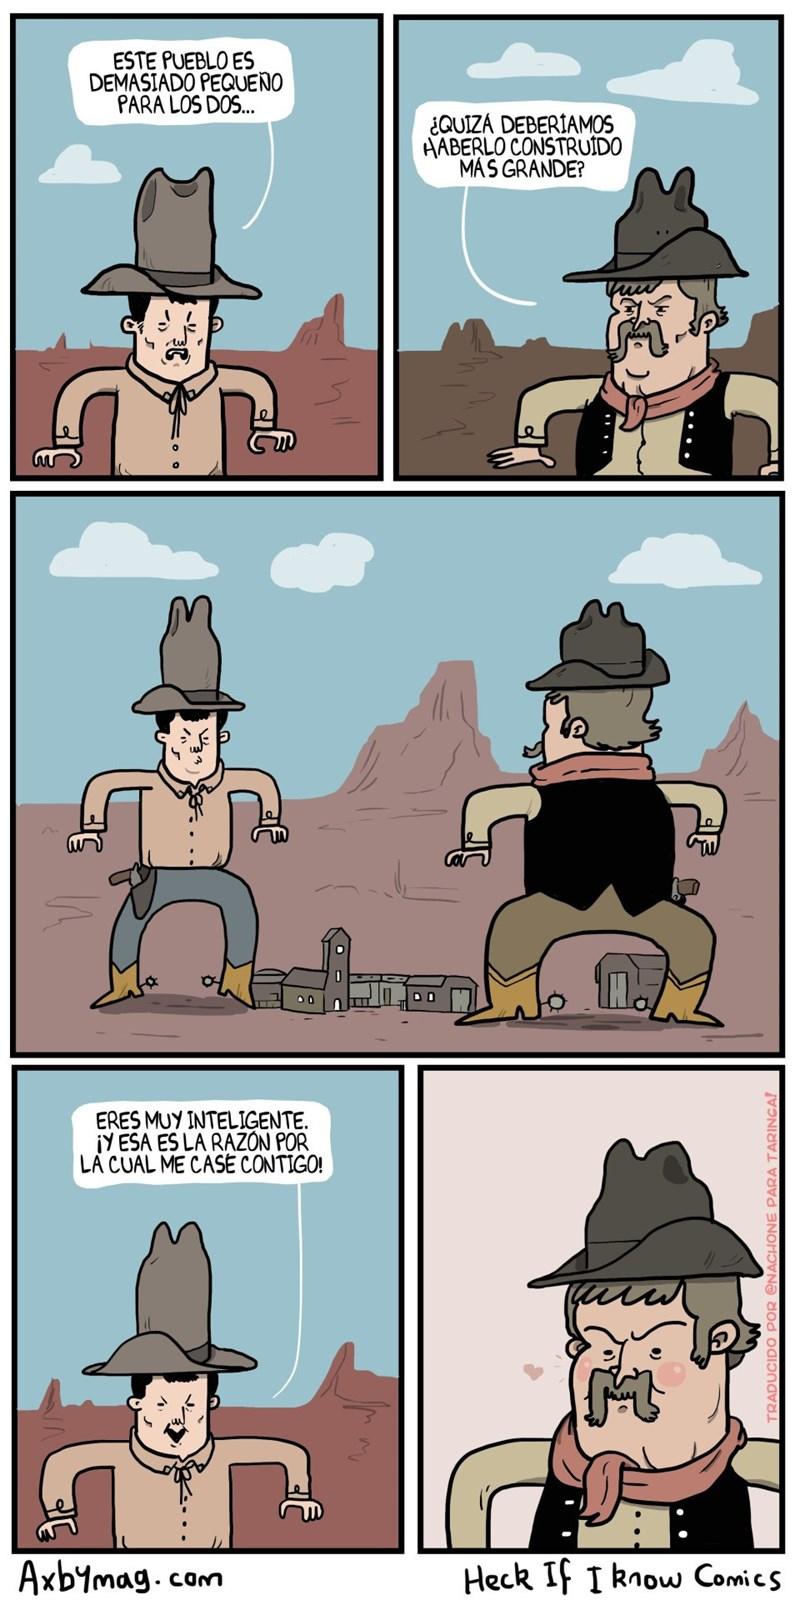 cuando el pueblo es demasiado pequeno para este par de vaqueros